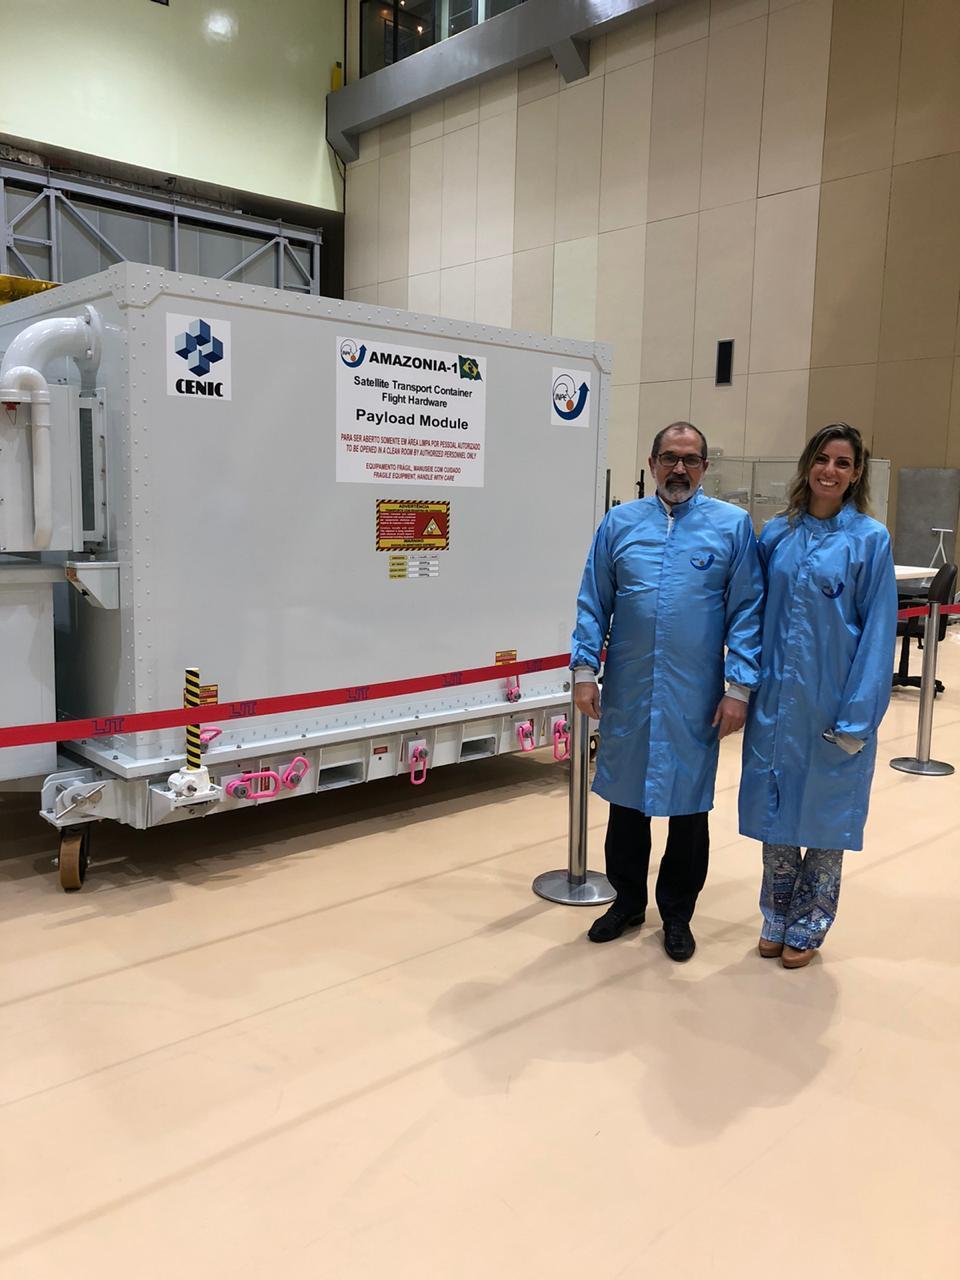 Reitor em visita técnica ao Laboratório de Integração e Testes (LIT)do Instituto Nacional de Pesquisas Espaciais (INPE).